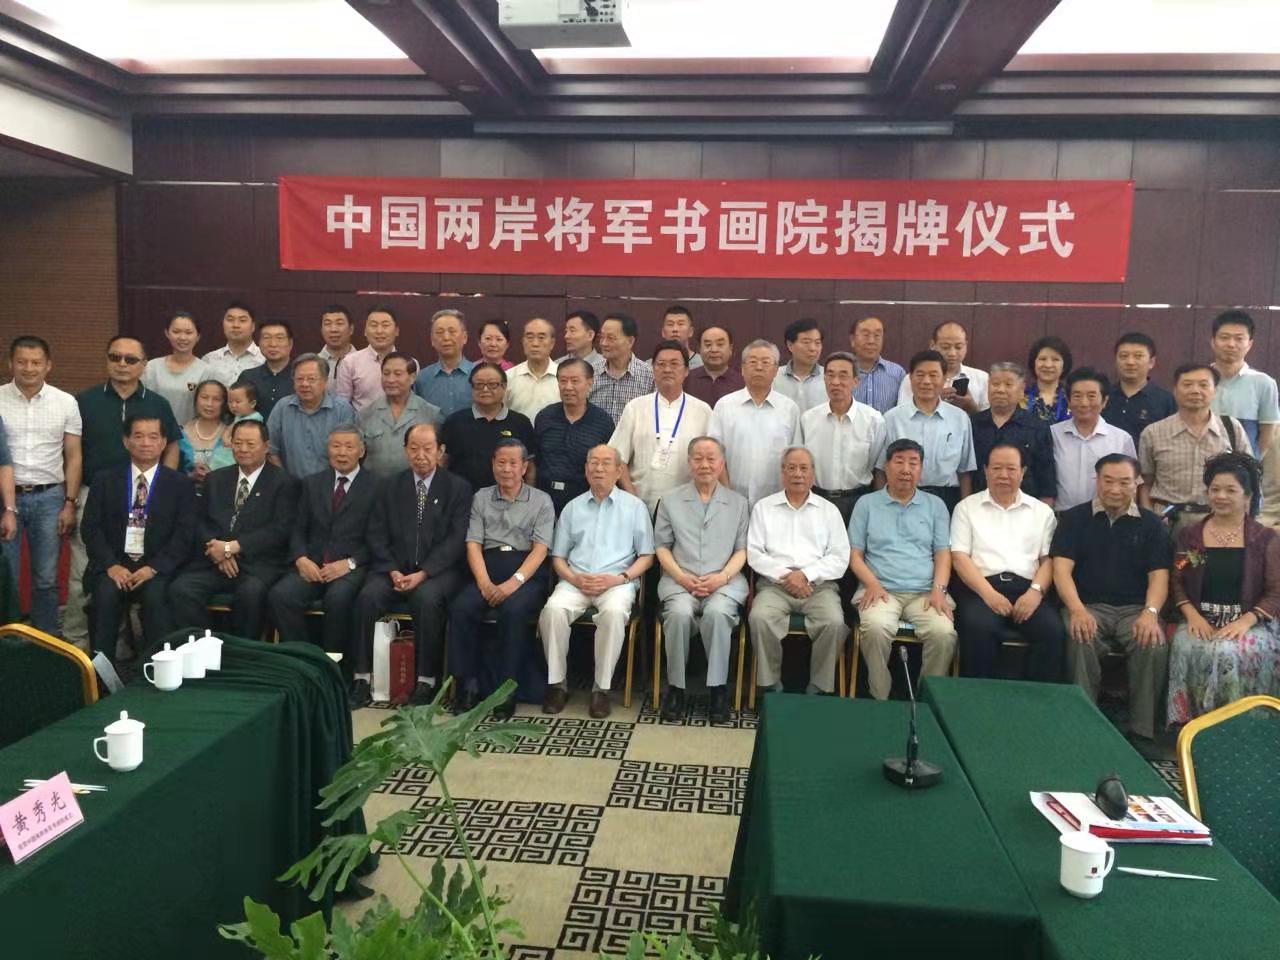 中国两岸将军书画院成立揭牌仪式